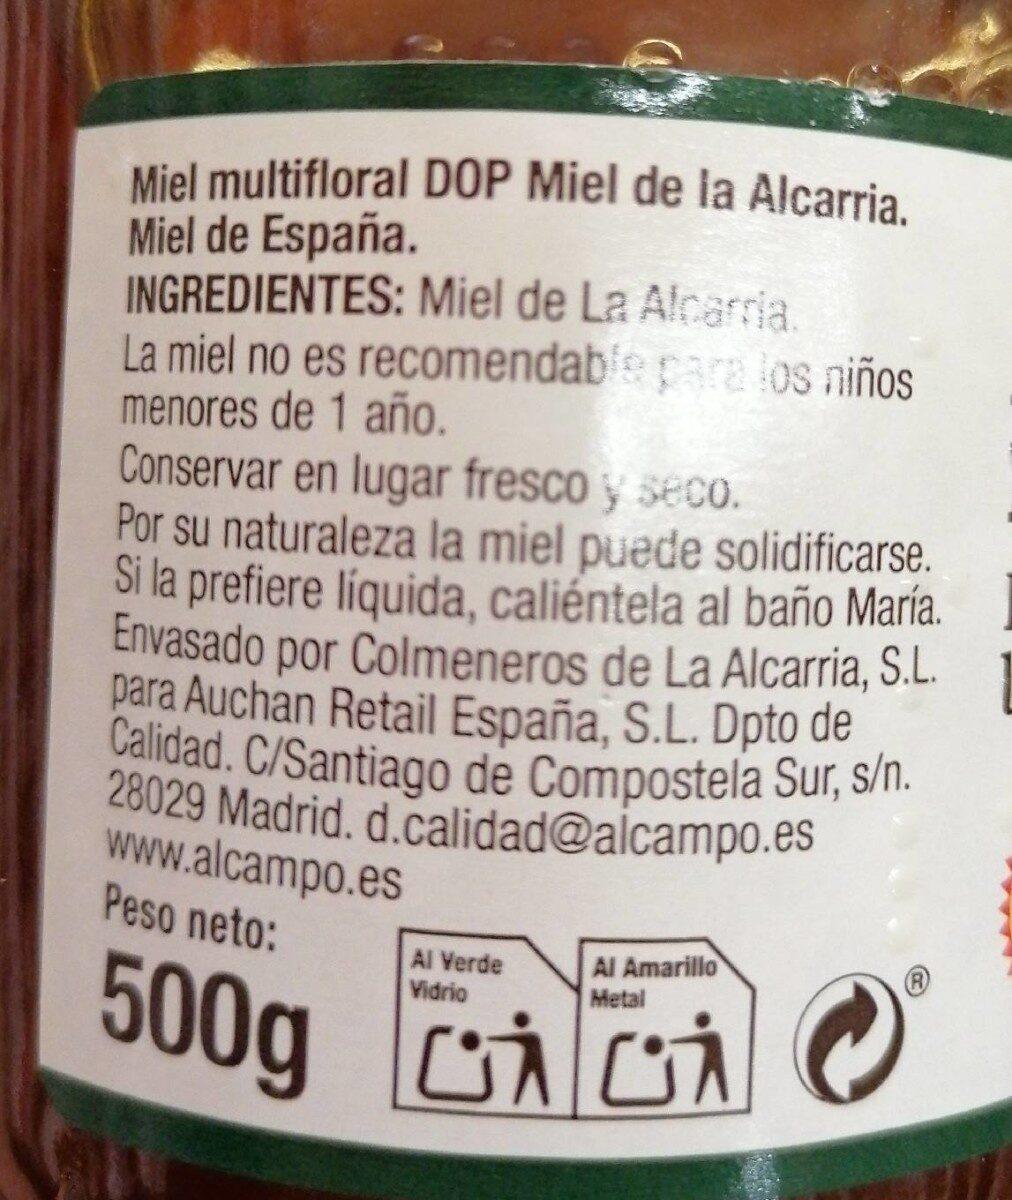 Miel multifloral - Información nutricional - es